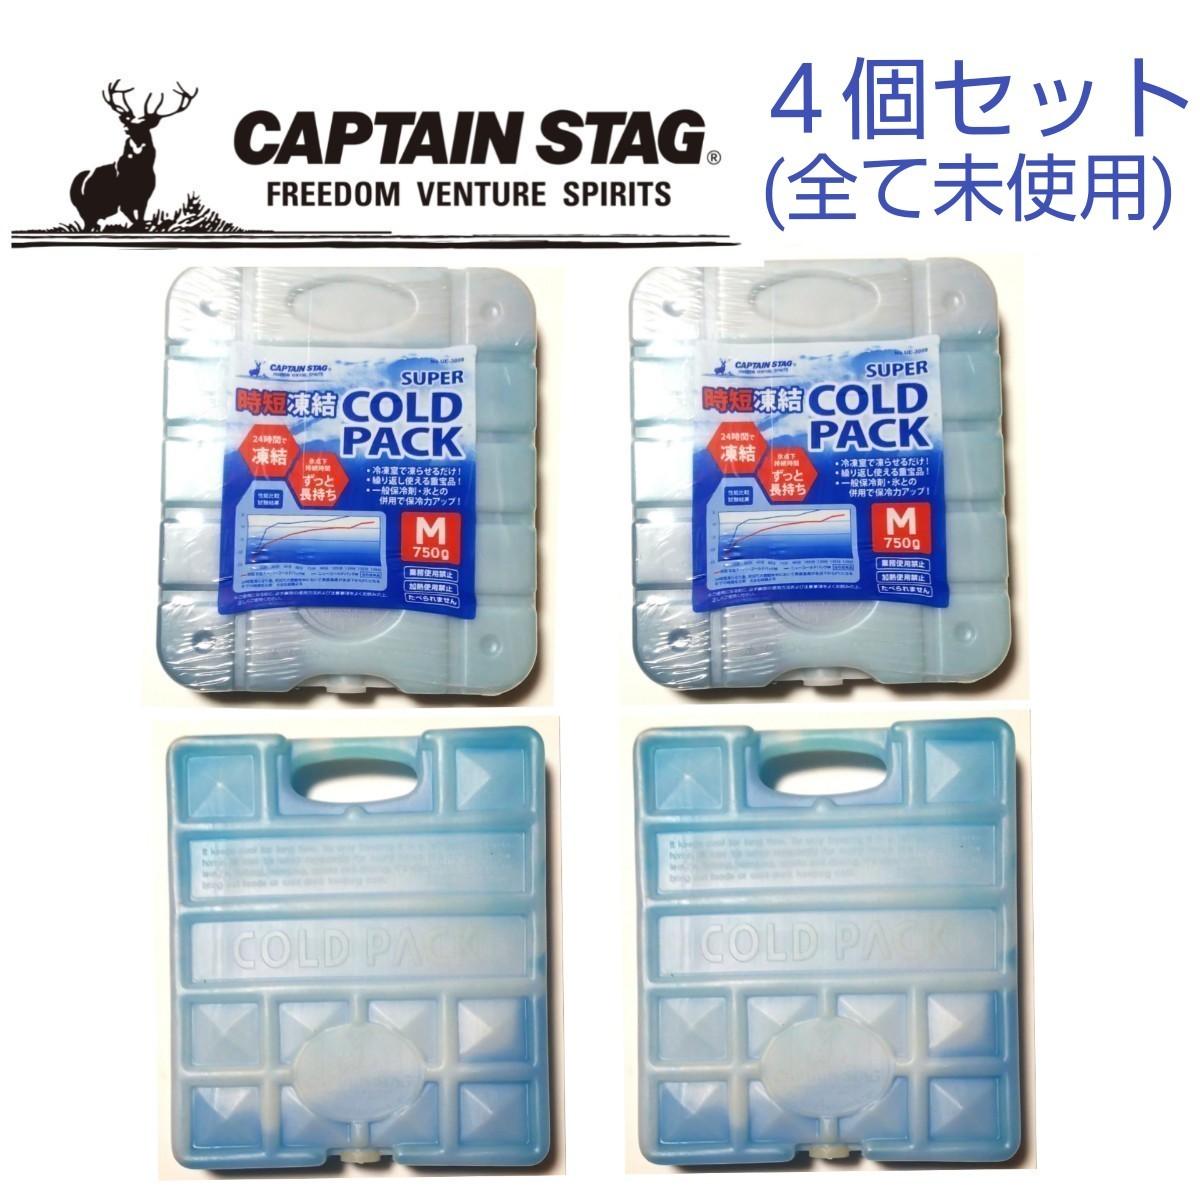 キャプテンスタッグ 保冷剤 2種類 (時短・ノーマル)×2個 計4個セット CAPTAIN STAG ( 未使用 ) 送料無料